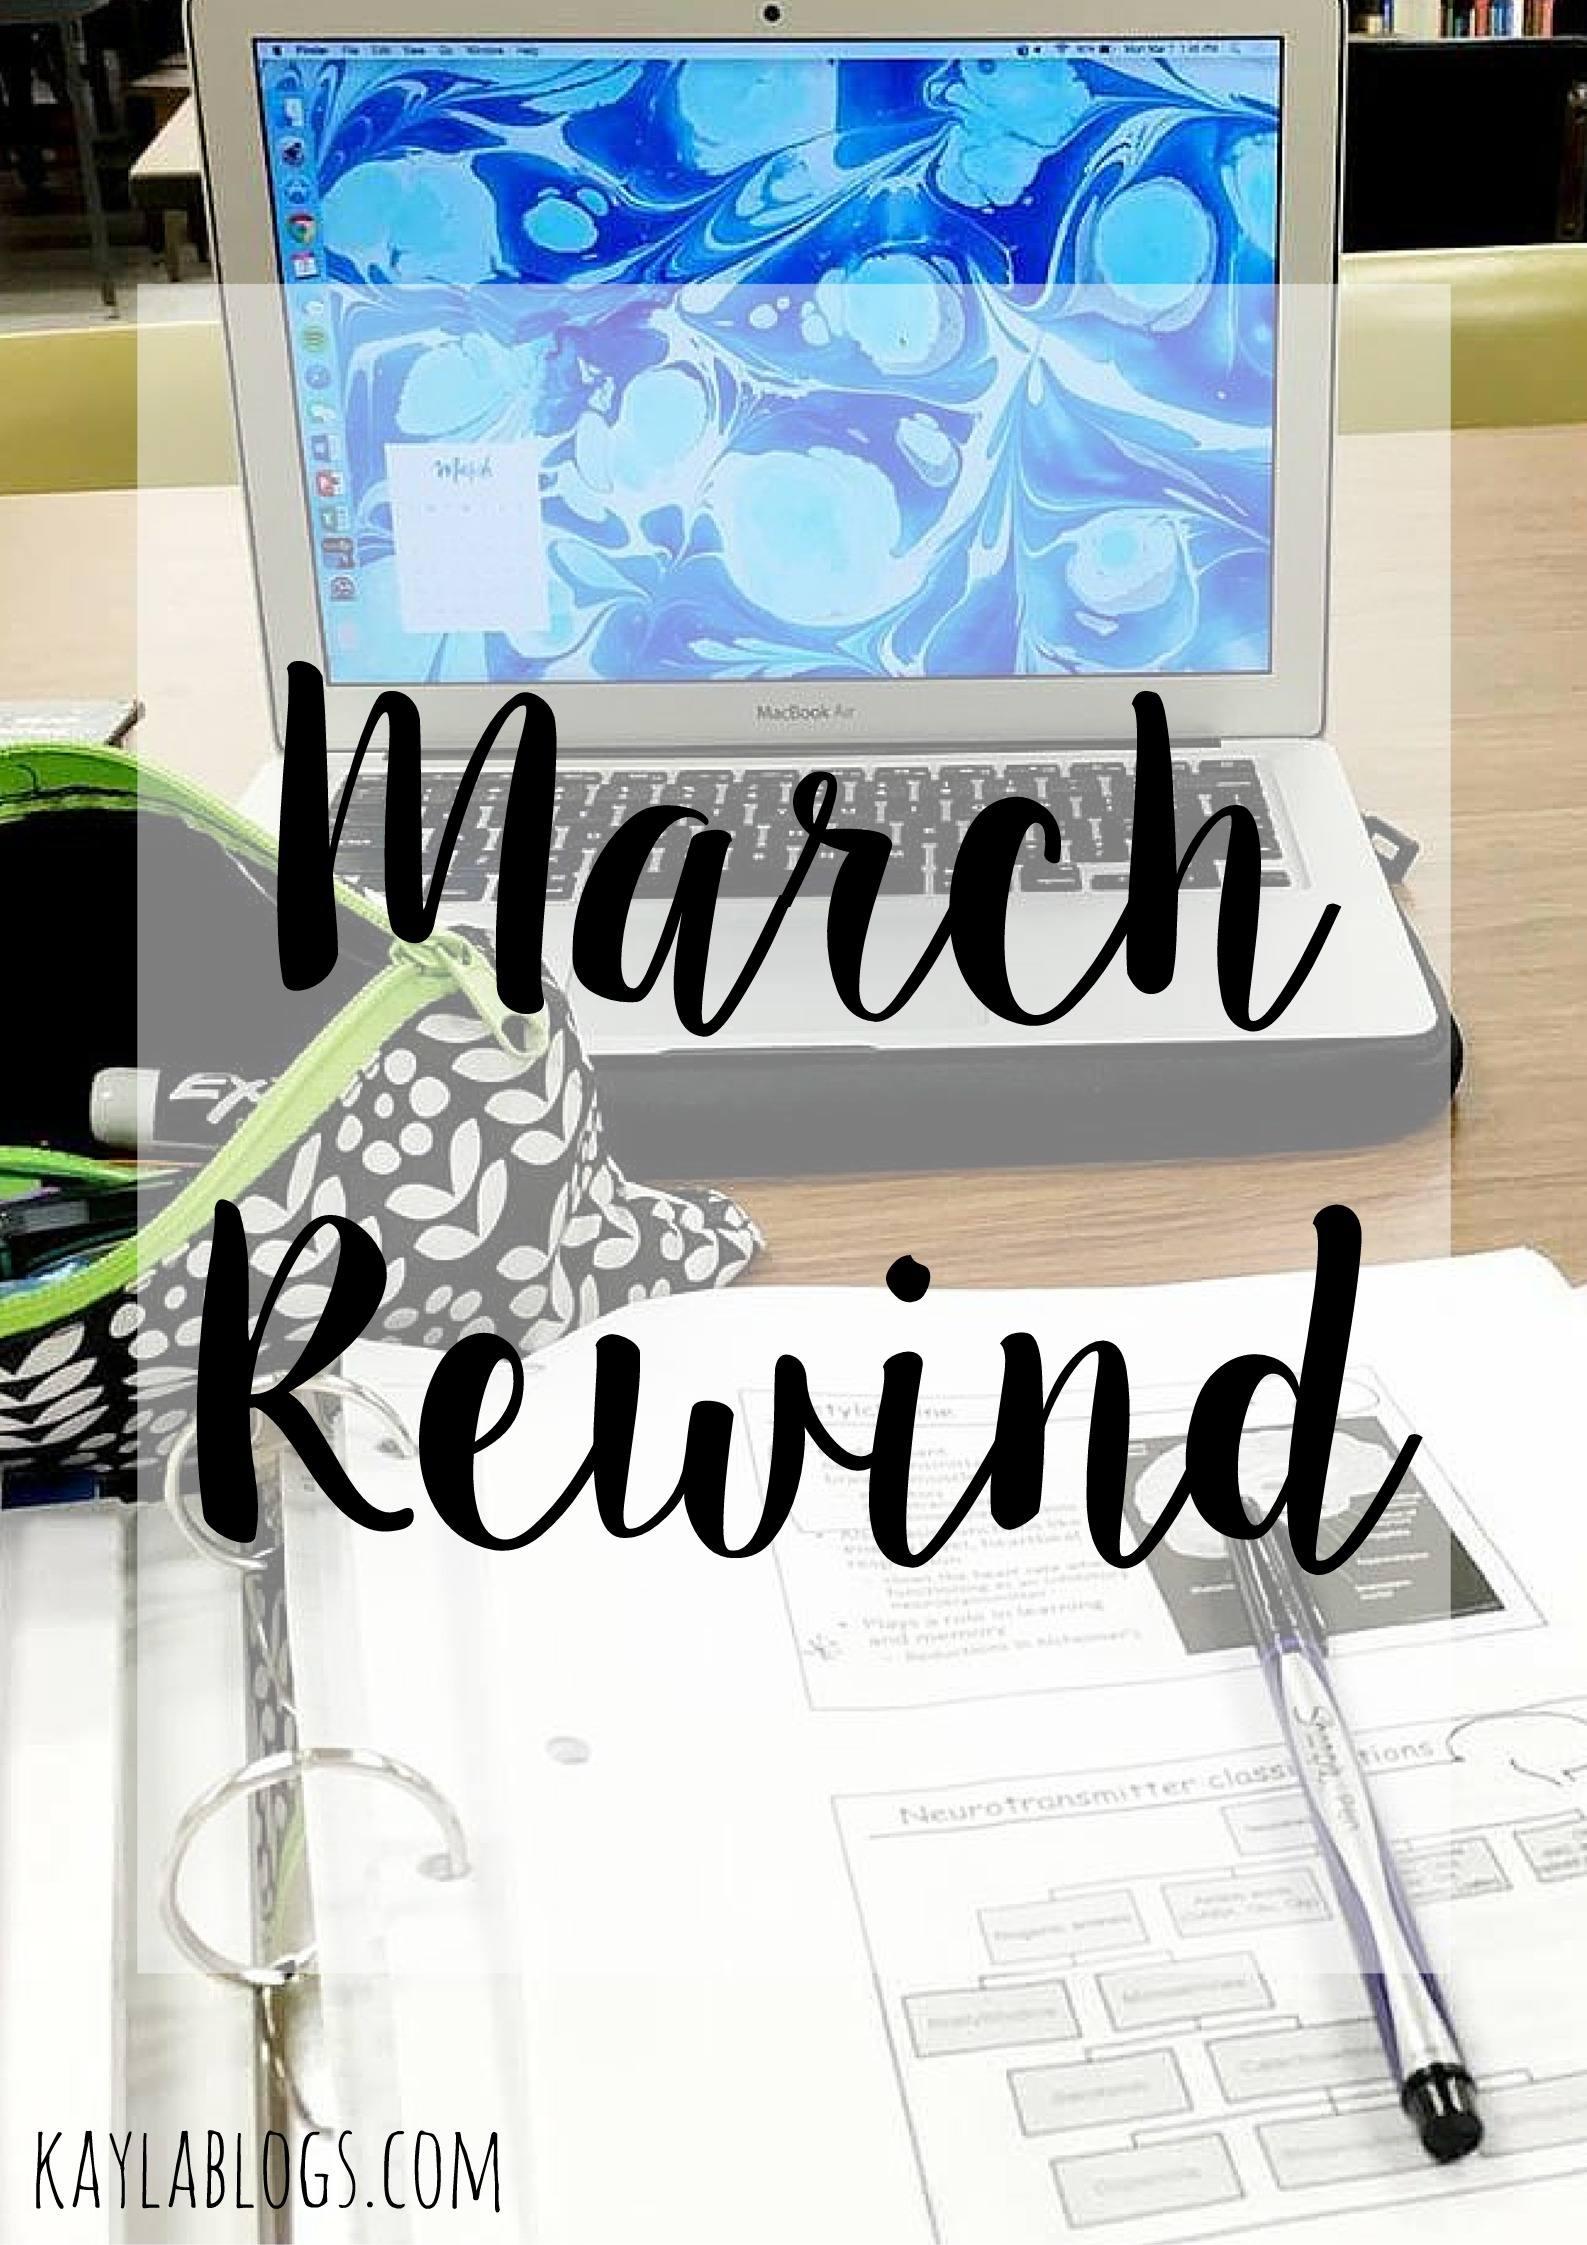 March 16 Rewind